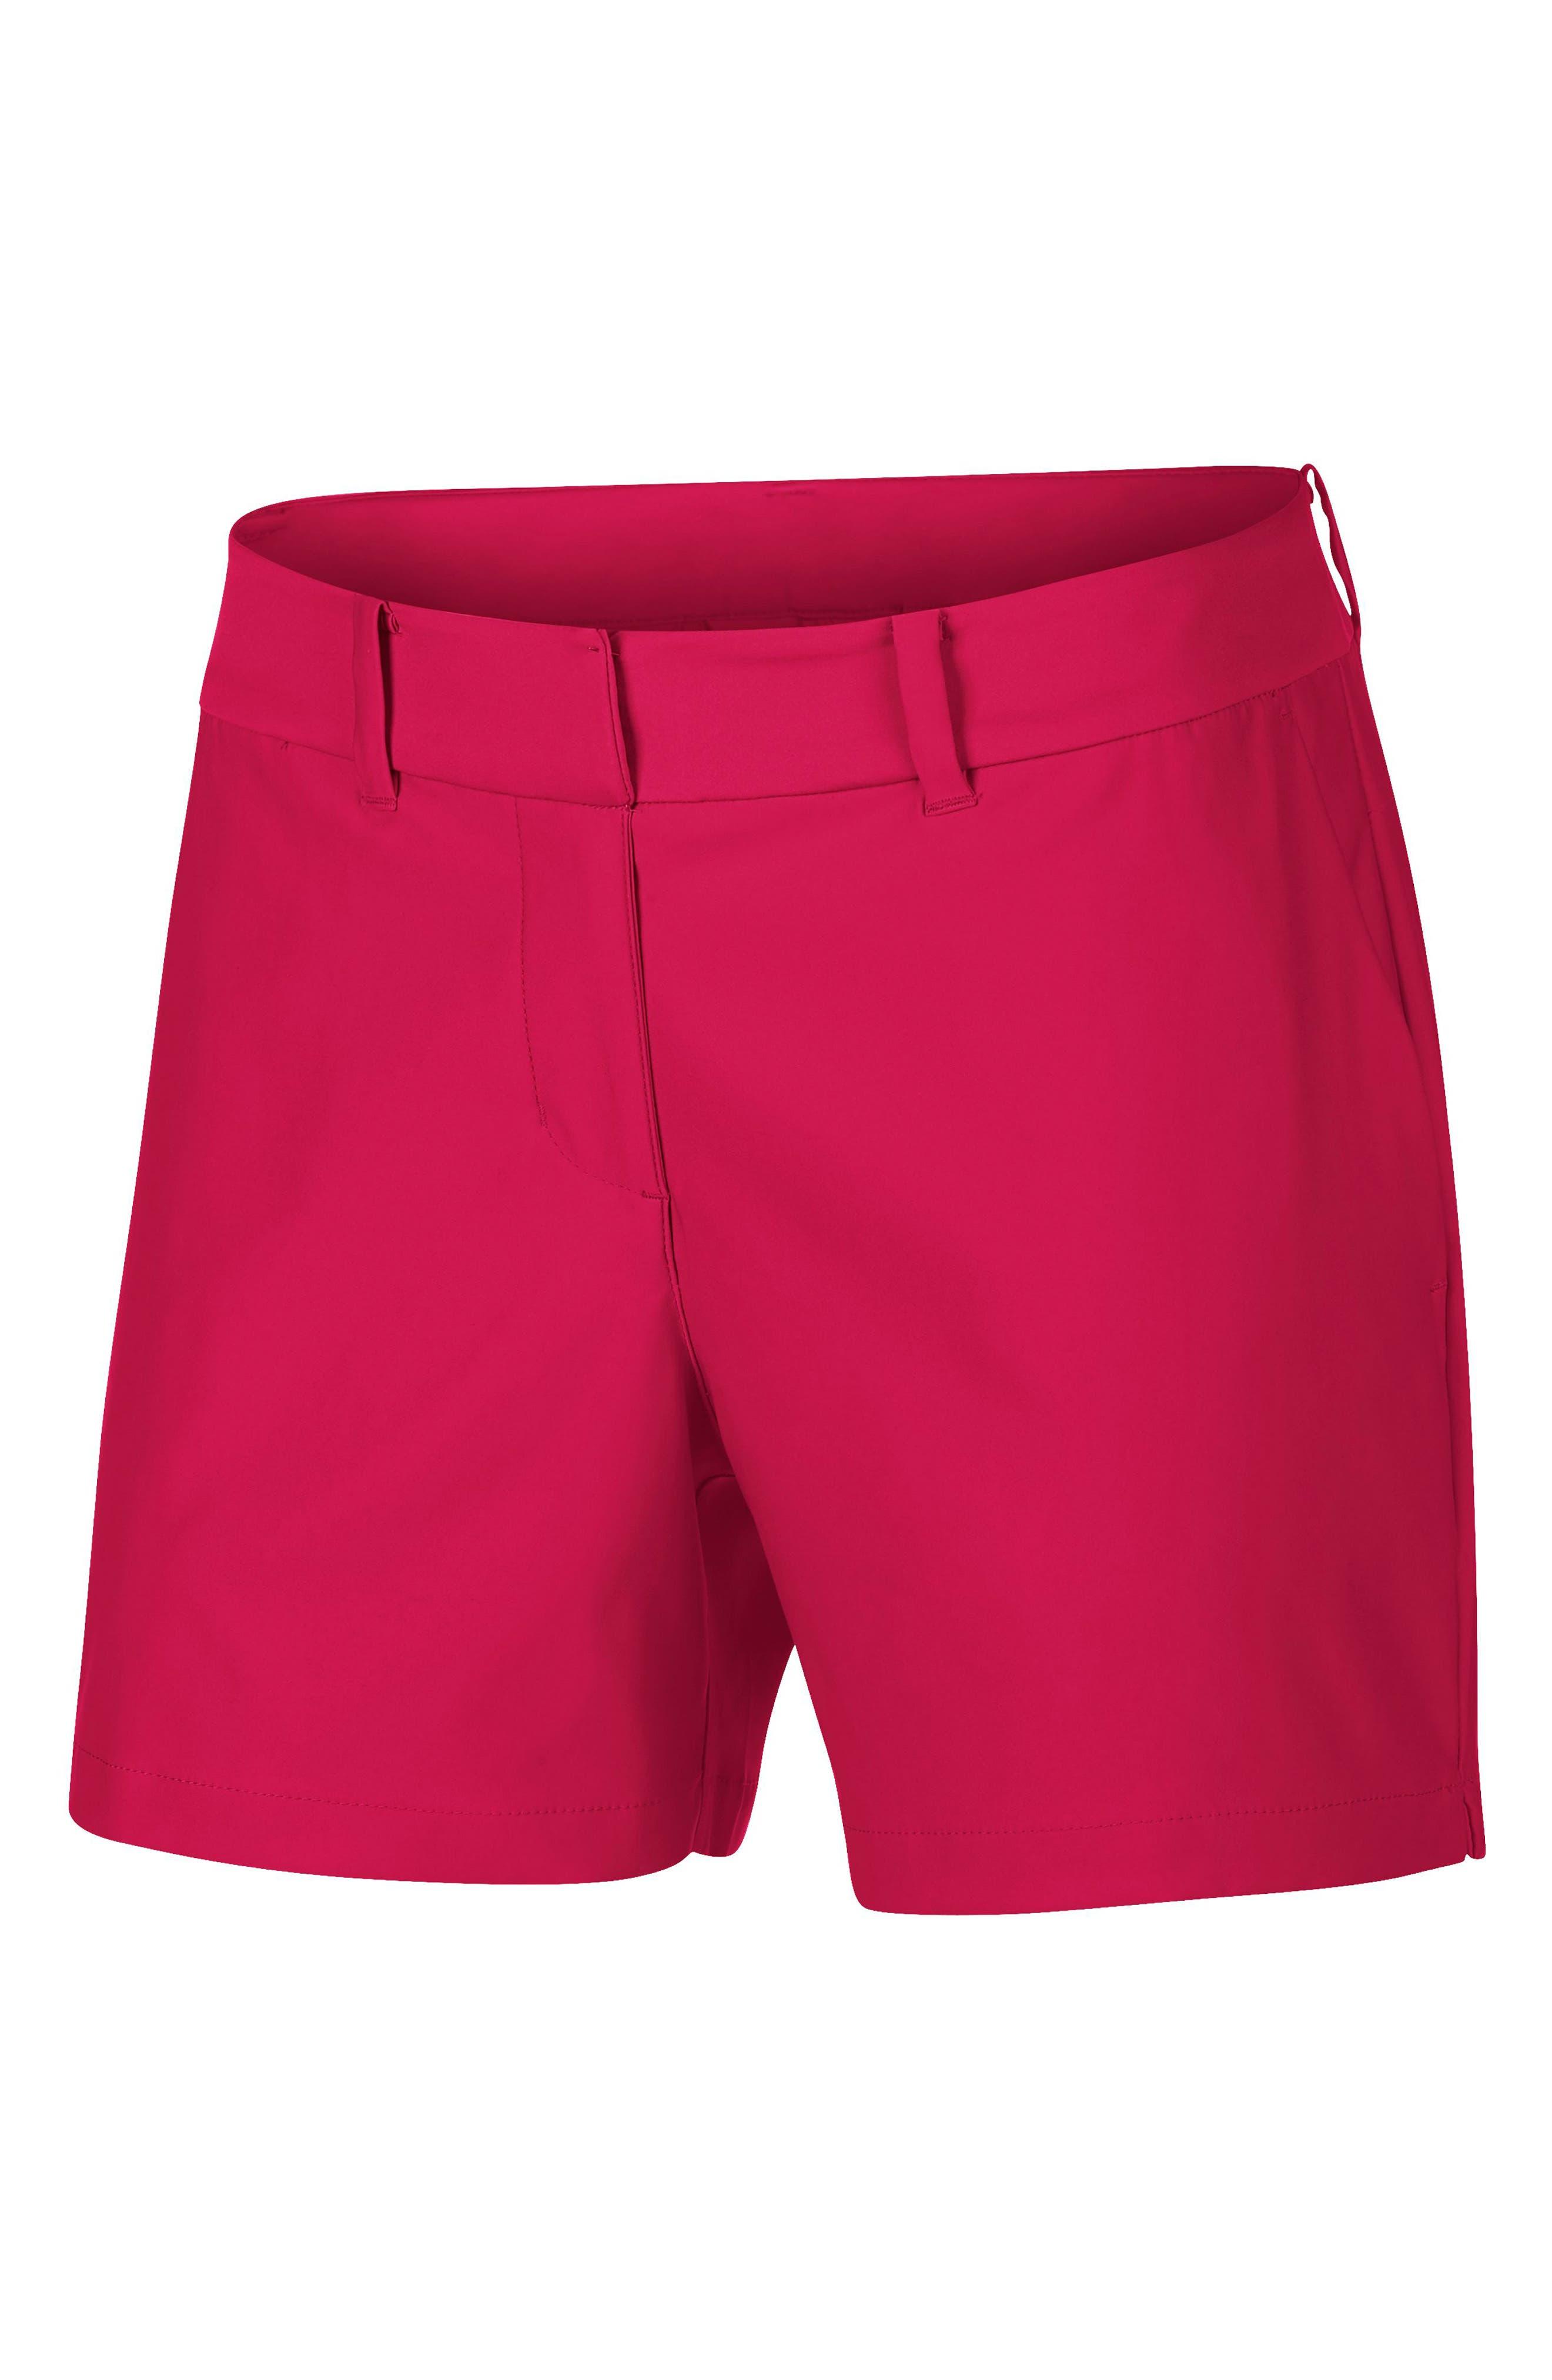 Flex Golf Shorts,                             Main thumbnail 1, color,                             RUSH PINK/ RUSH PINK